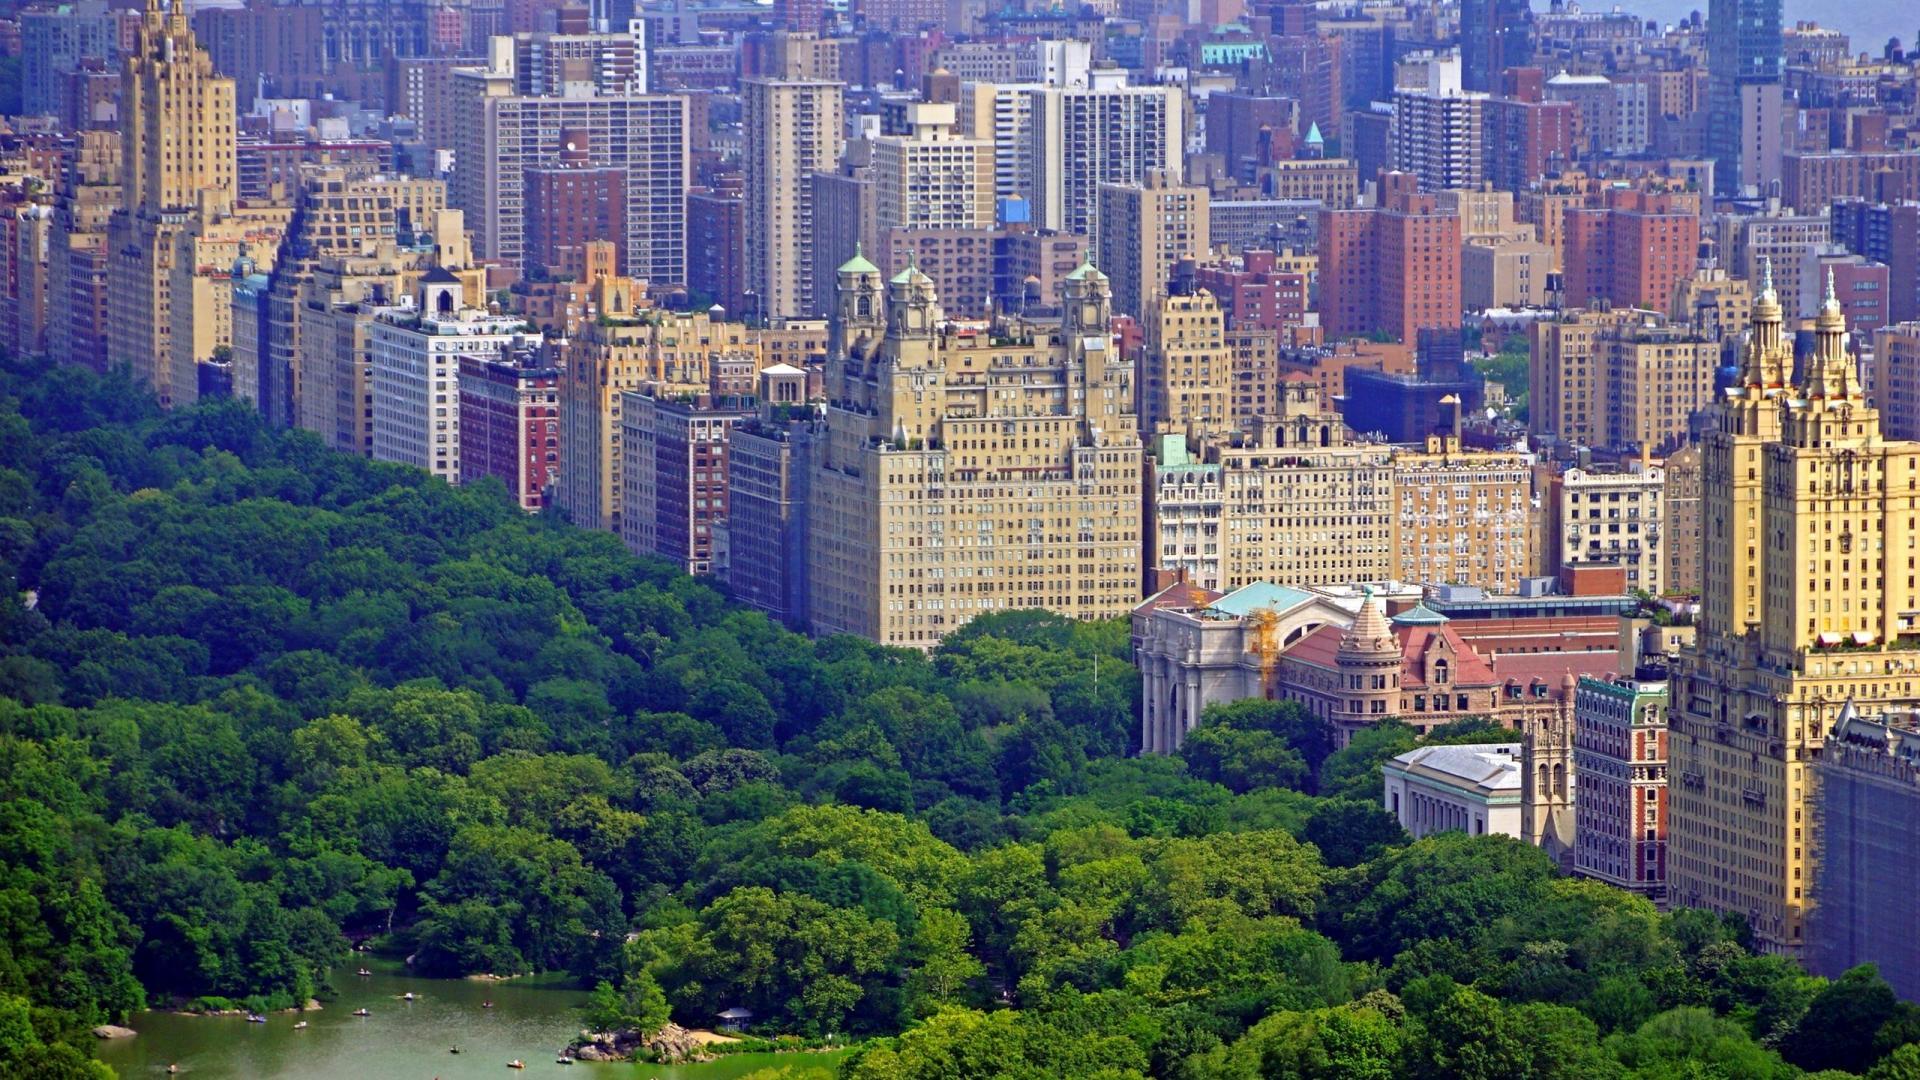 New York Central Park Wallpaper New York City Central Park Full